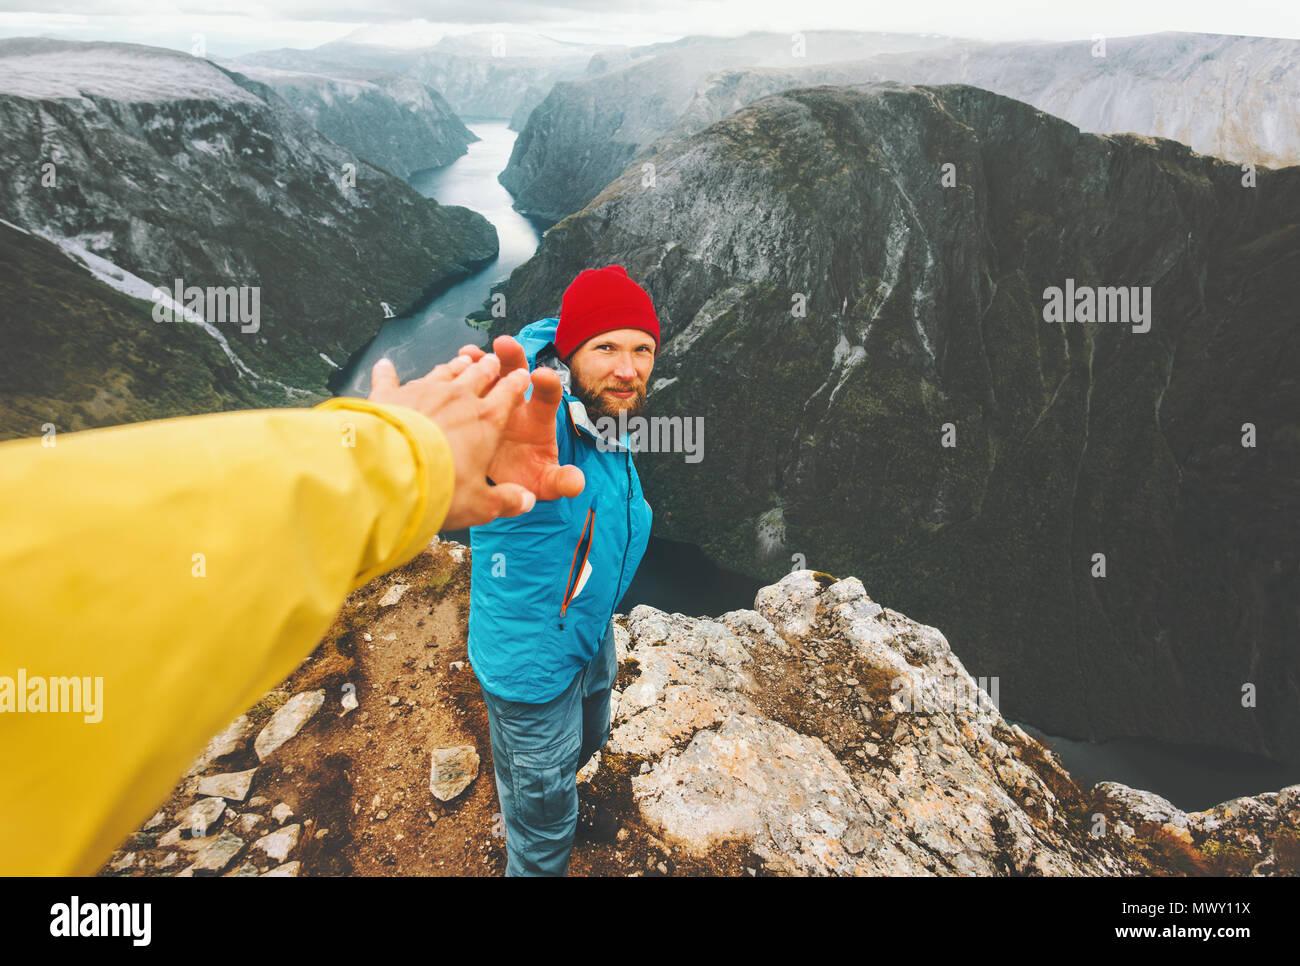 Paar Abenteurer in die Berge führen Sie die helfende Hand, die zusammen Reisen lifestyle Konzept extreme Ferien Abenteuer Wochenende in Norwegen Stockbild